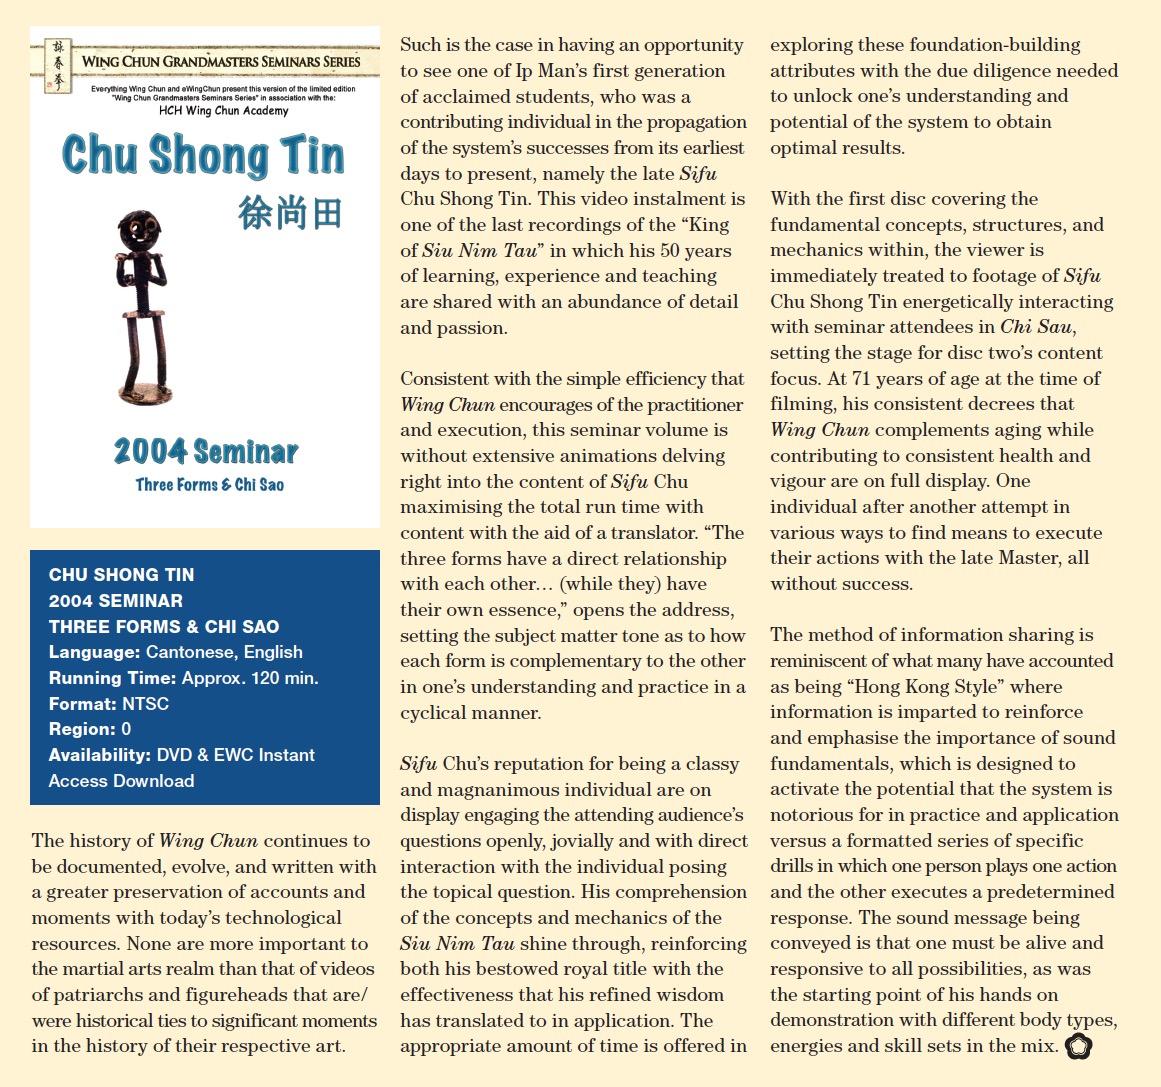 Review - WBVTS - Chu Shong Tin - 2004 Seminar